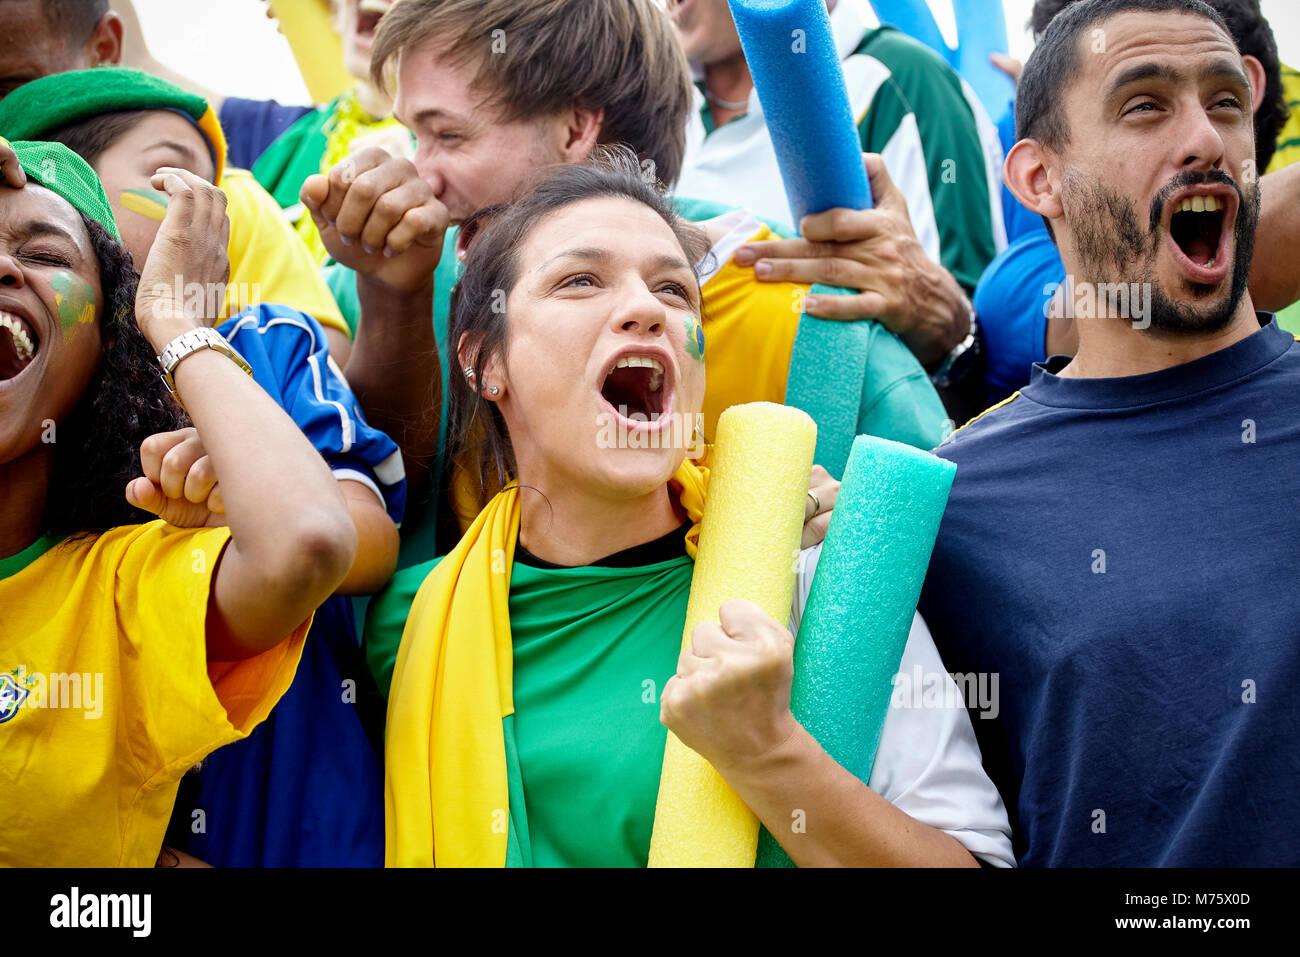 Brasilianischen Fußball-Fans feiern Sieg am Fußballspiel Stockbild